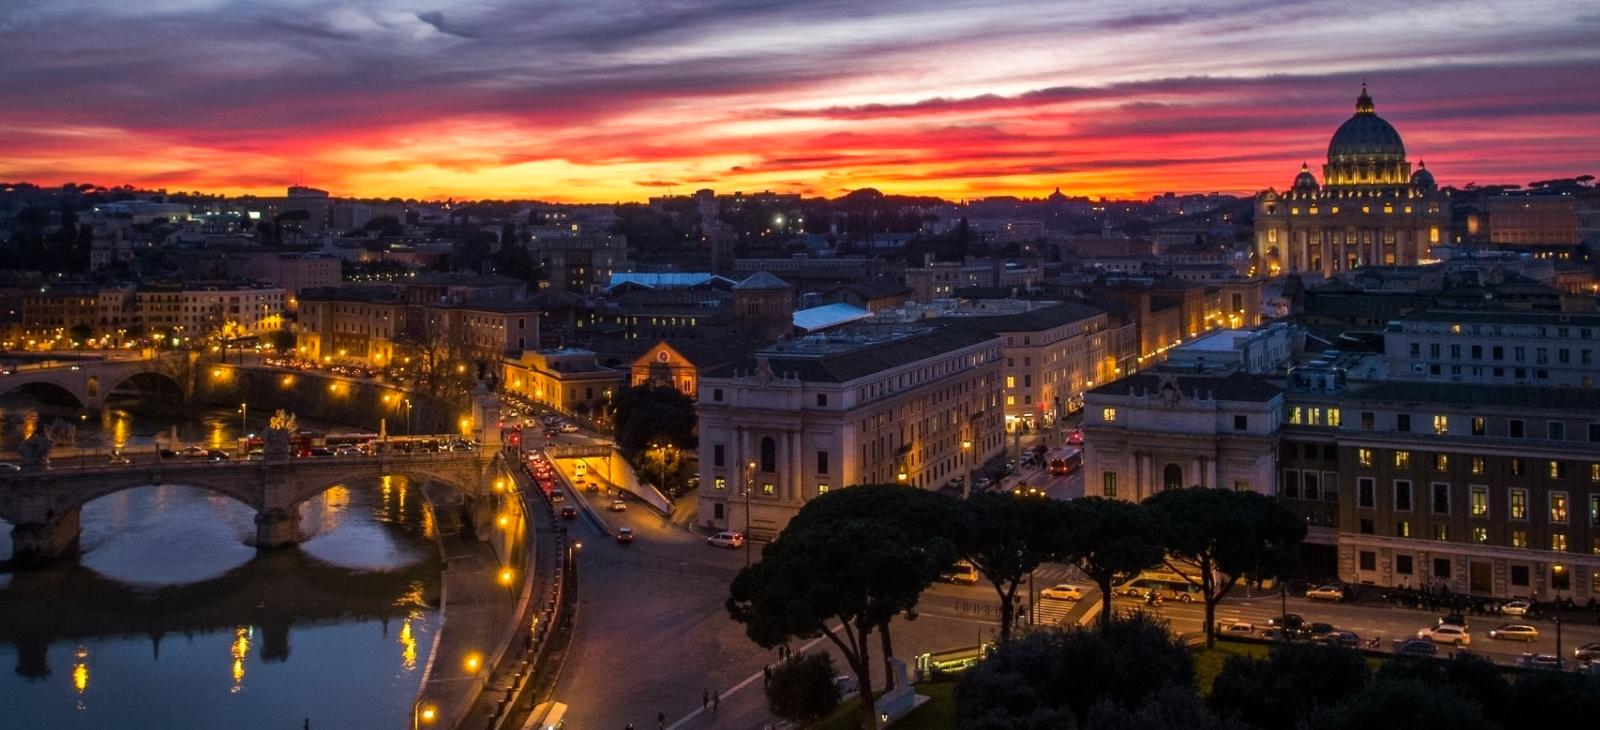 Come Arrivare | Zoomarine - Il parco divertimenti di Roma